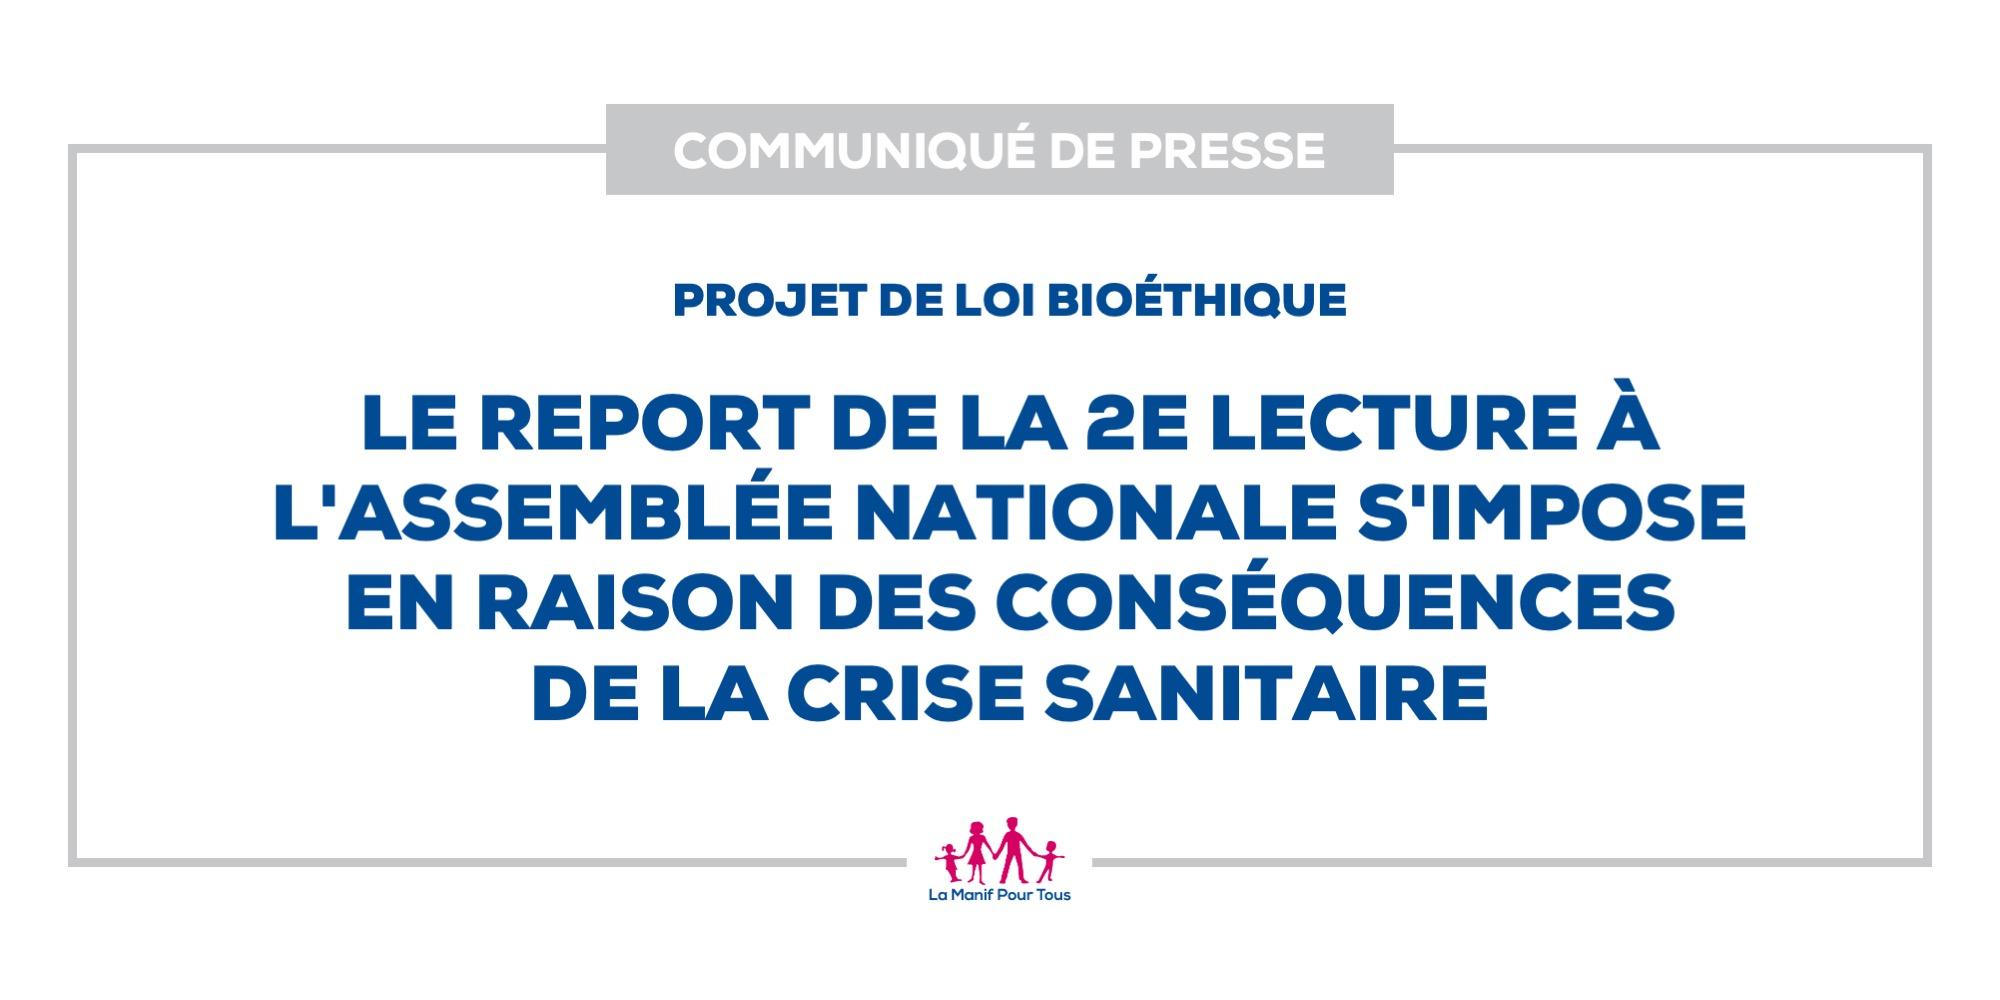 Image - Projet de loi bioéthique : le report de la 2e lecture à l'Assemblée nationale s'impose en raison des conséquences de la crise sanitaire